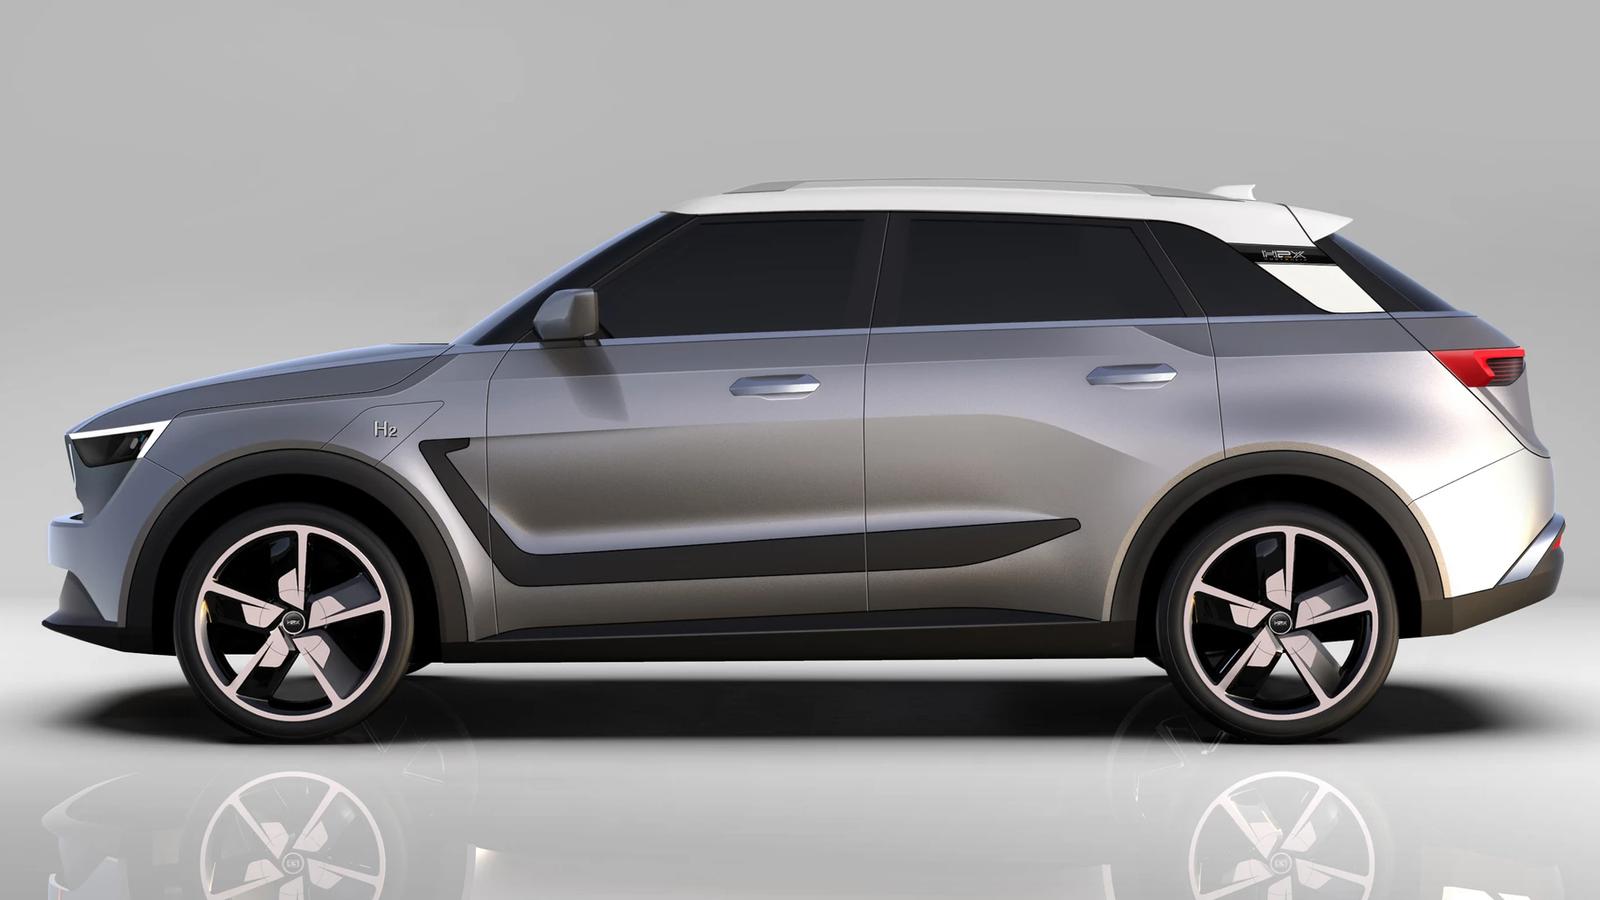 Водородный электромобиль H2X Snowy выглядит довольно нейтрально и ни на кого не похож